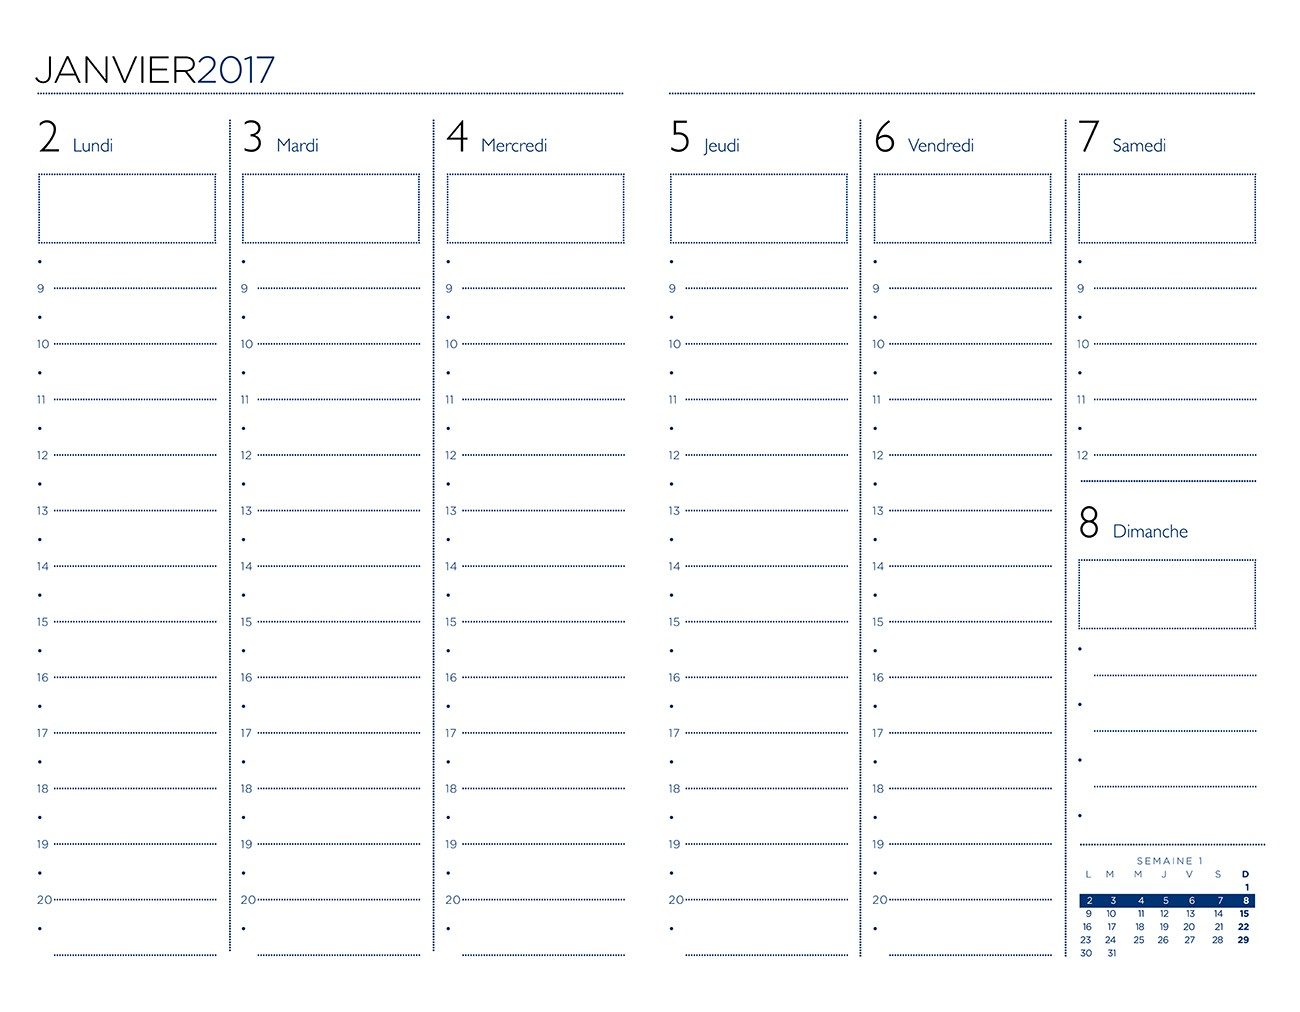 12.19 Agenda Semaine sur deux pages. Vertical